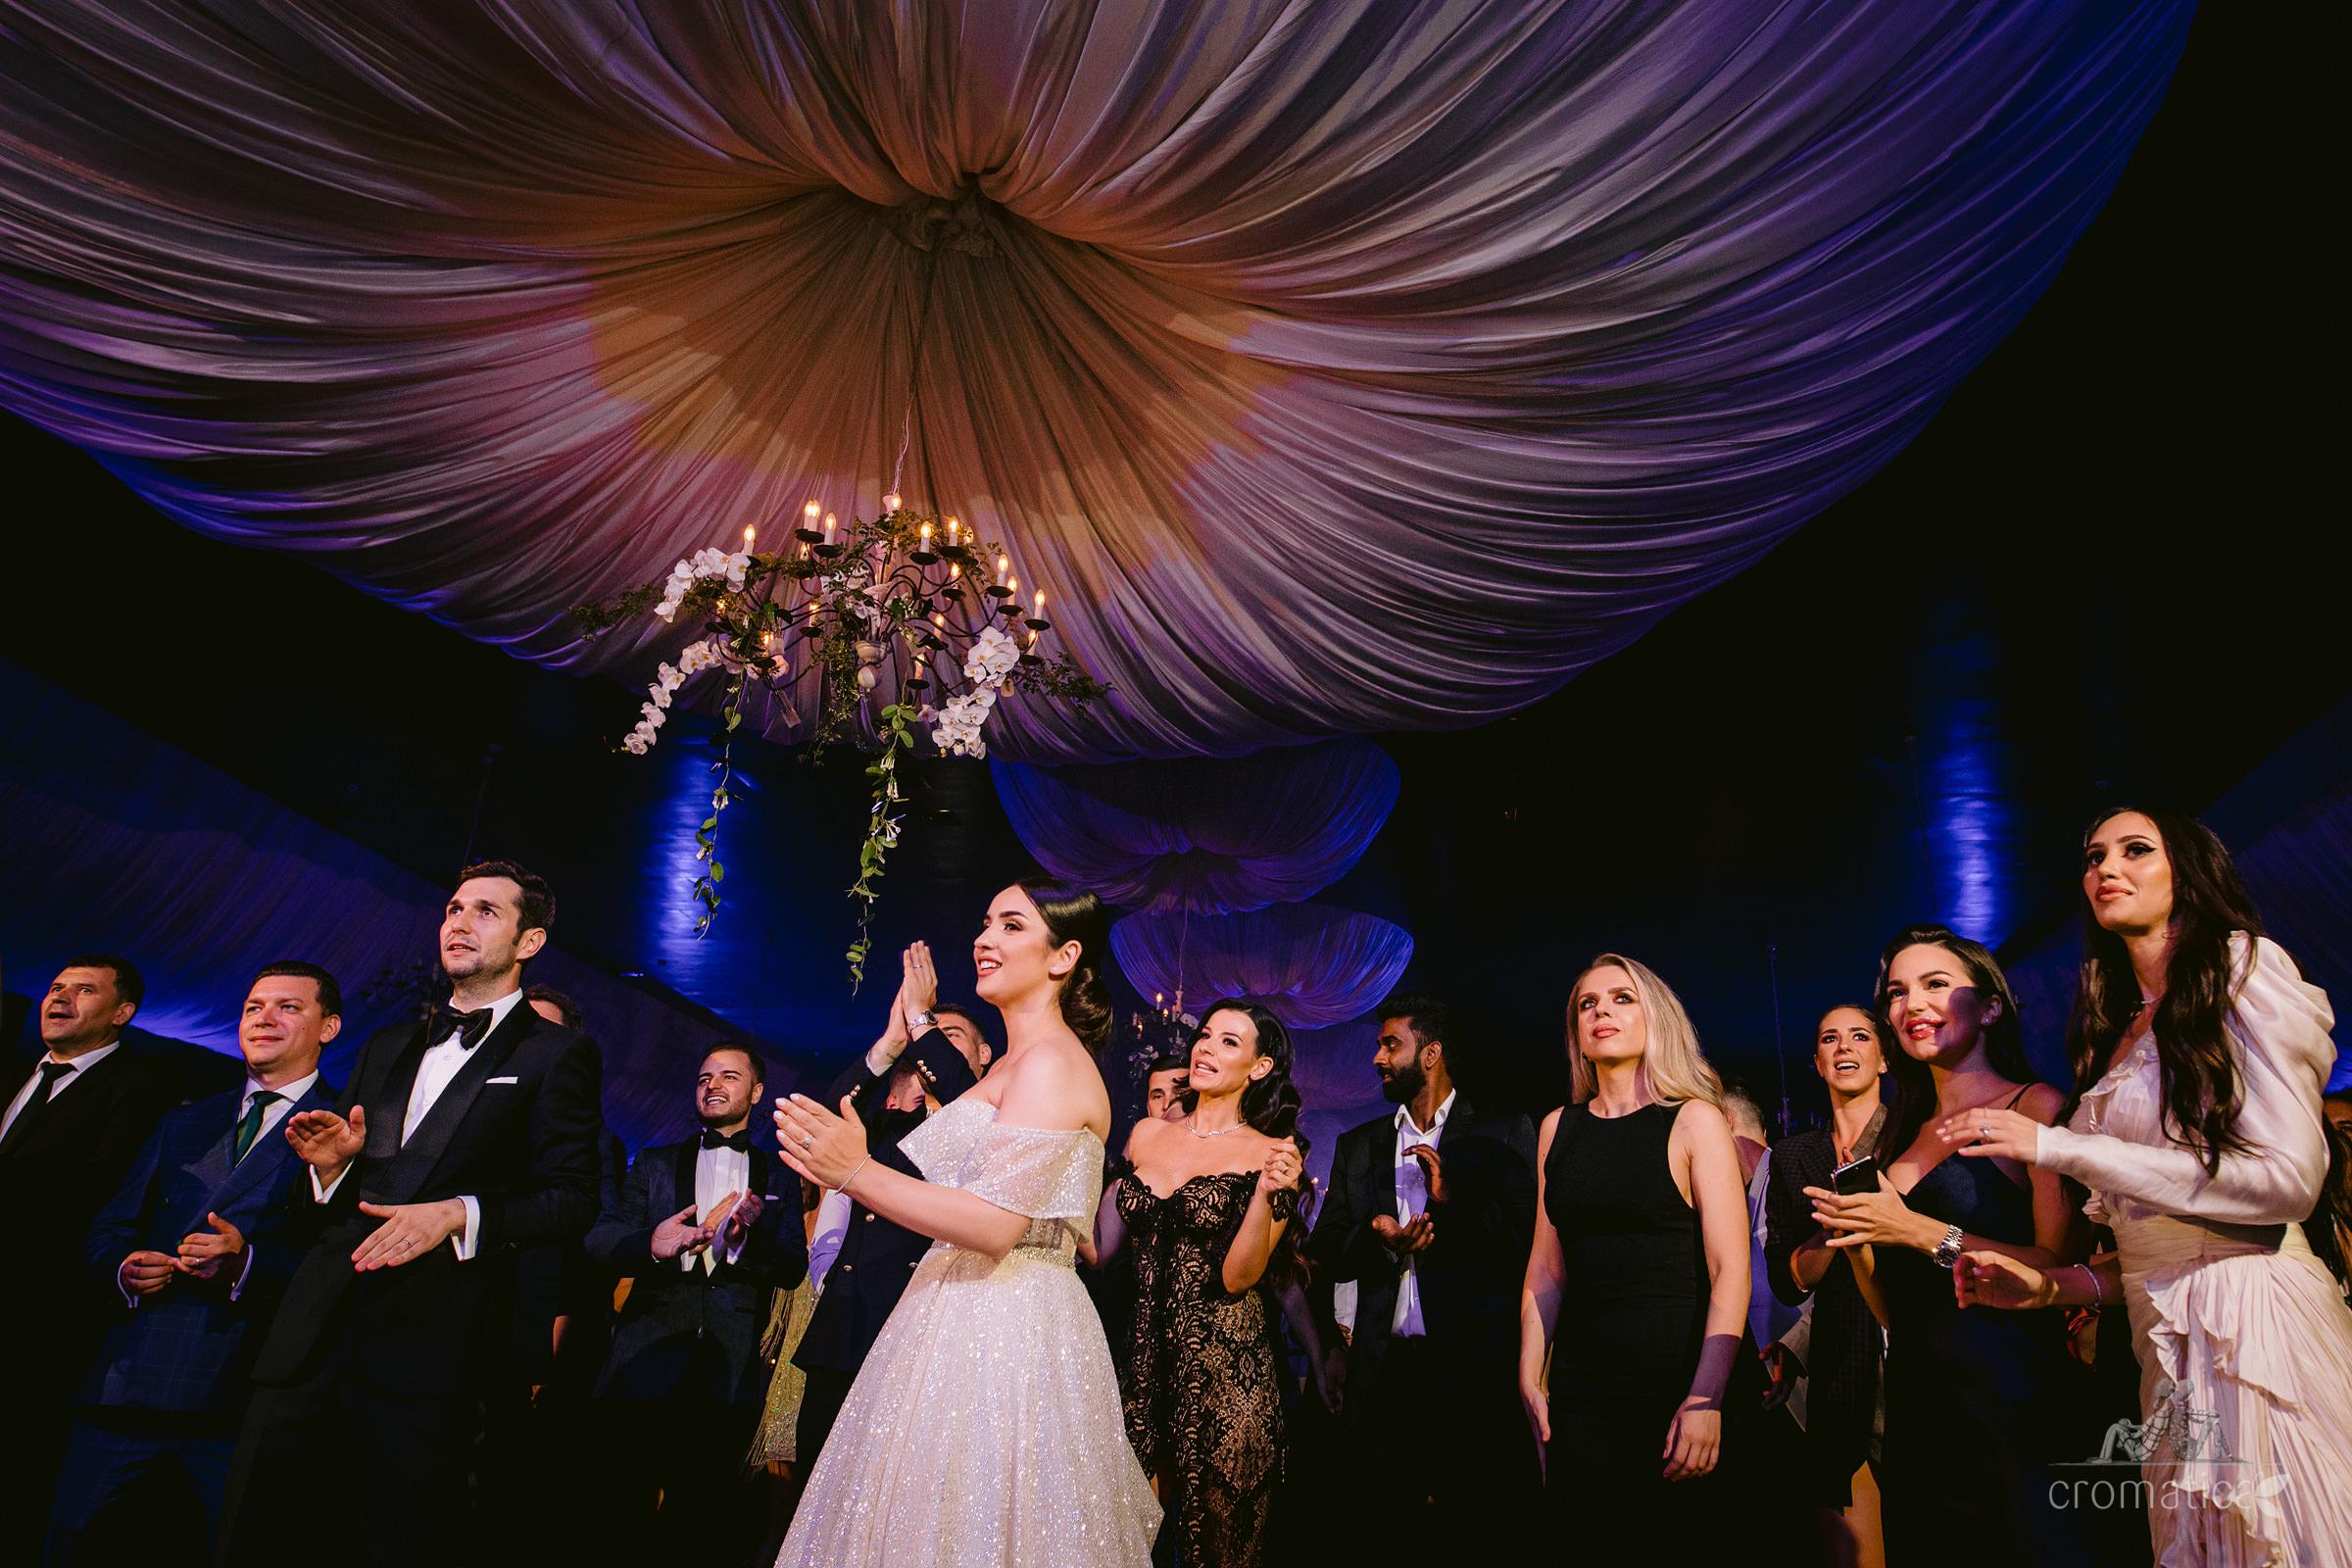 oana alex fotografii nunta rm valcea 054